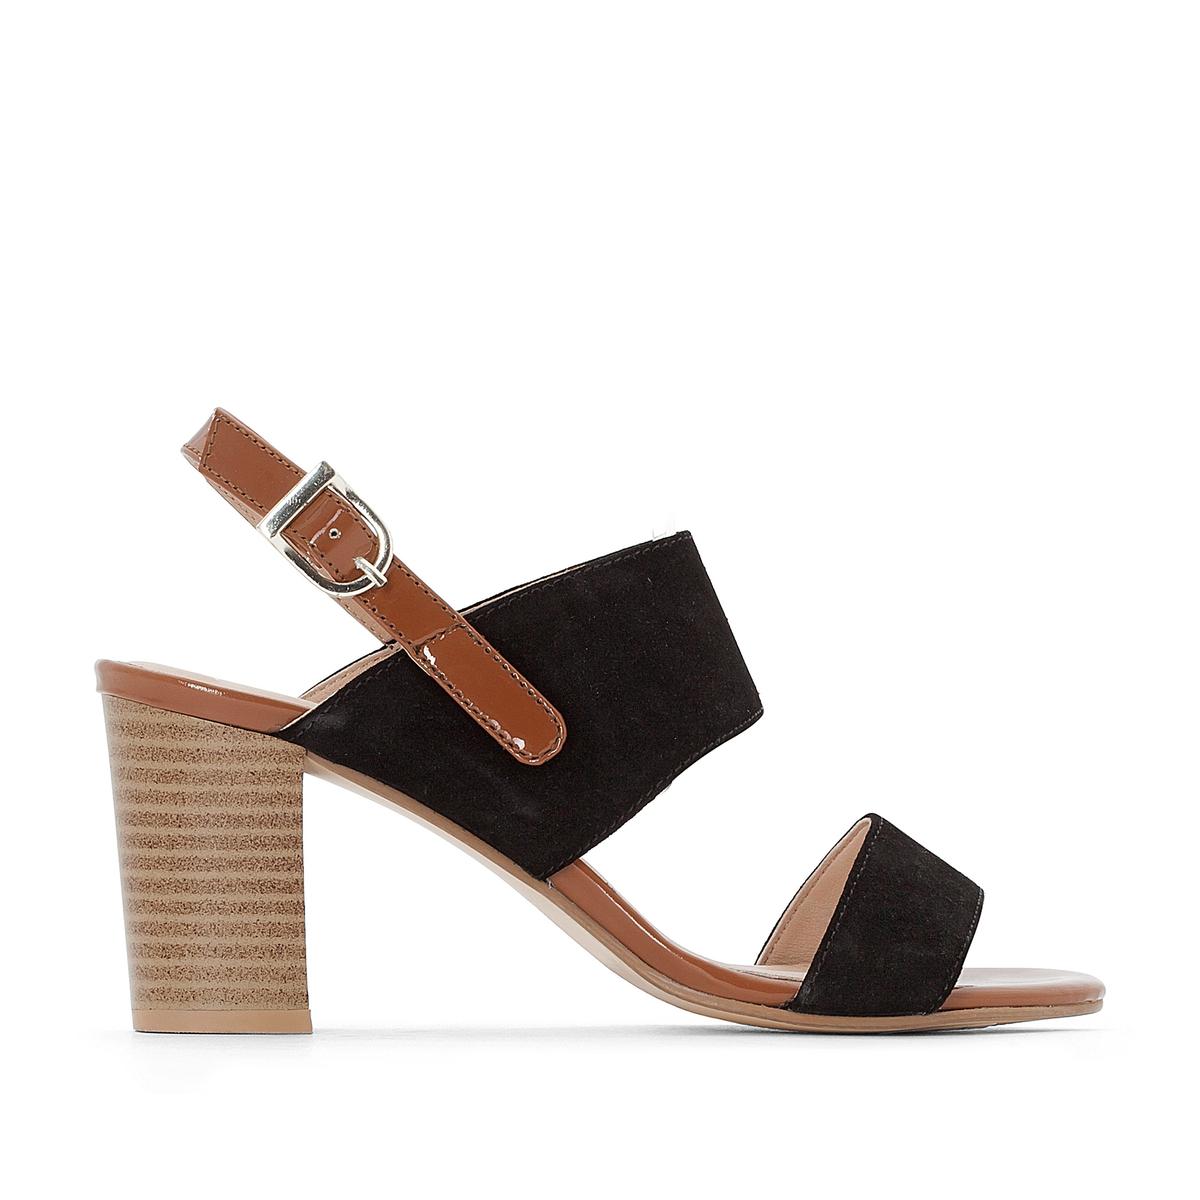 Босоножки кожаные на высоком каблукеВерх : кожа   Подкладка : кожа   Стелька : кожа   Подошва : эластомер   Высота каблука : 9 см   Форма каблука : высокий   Мысок : открытый   Застежка : ремешок с пряжкой<br><br>Цвет: черный<br>Размер: 39.41